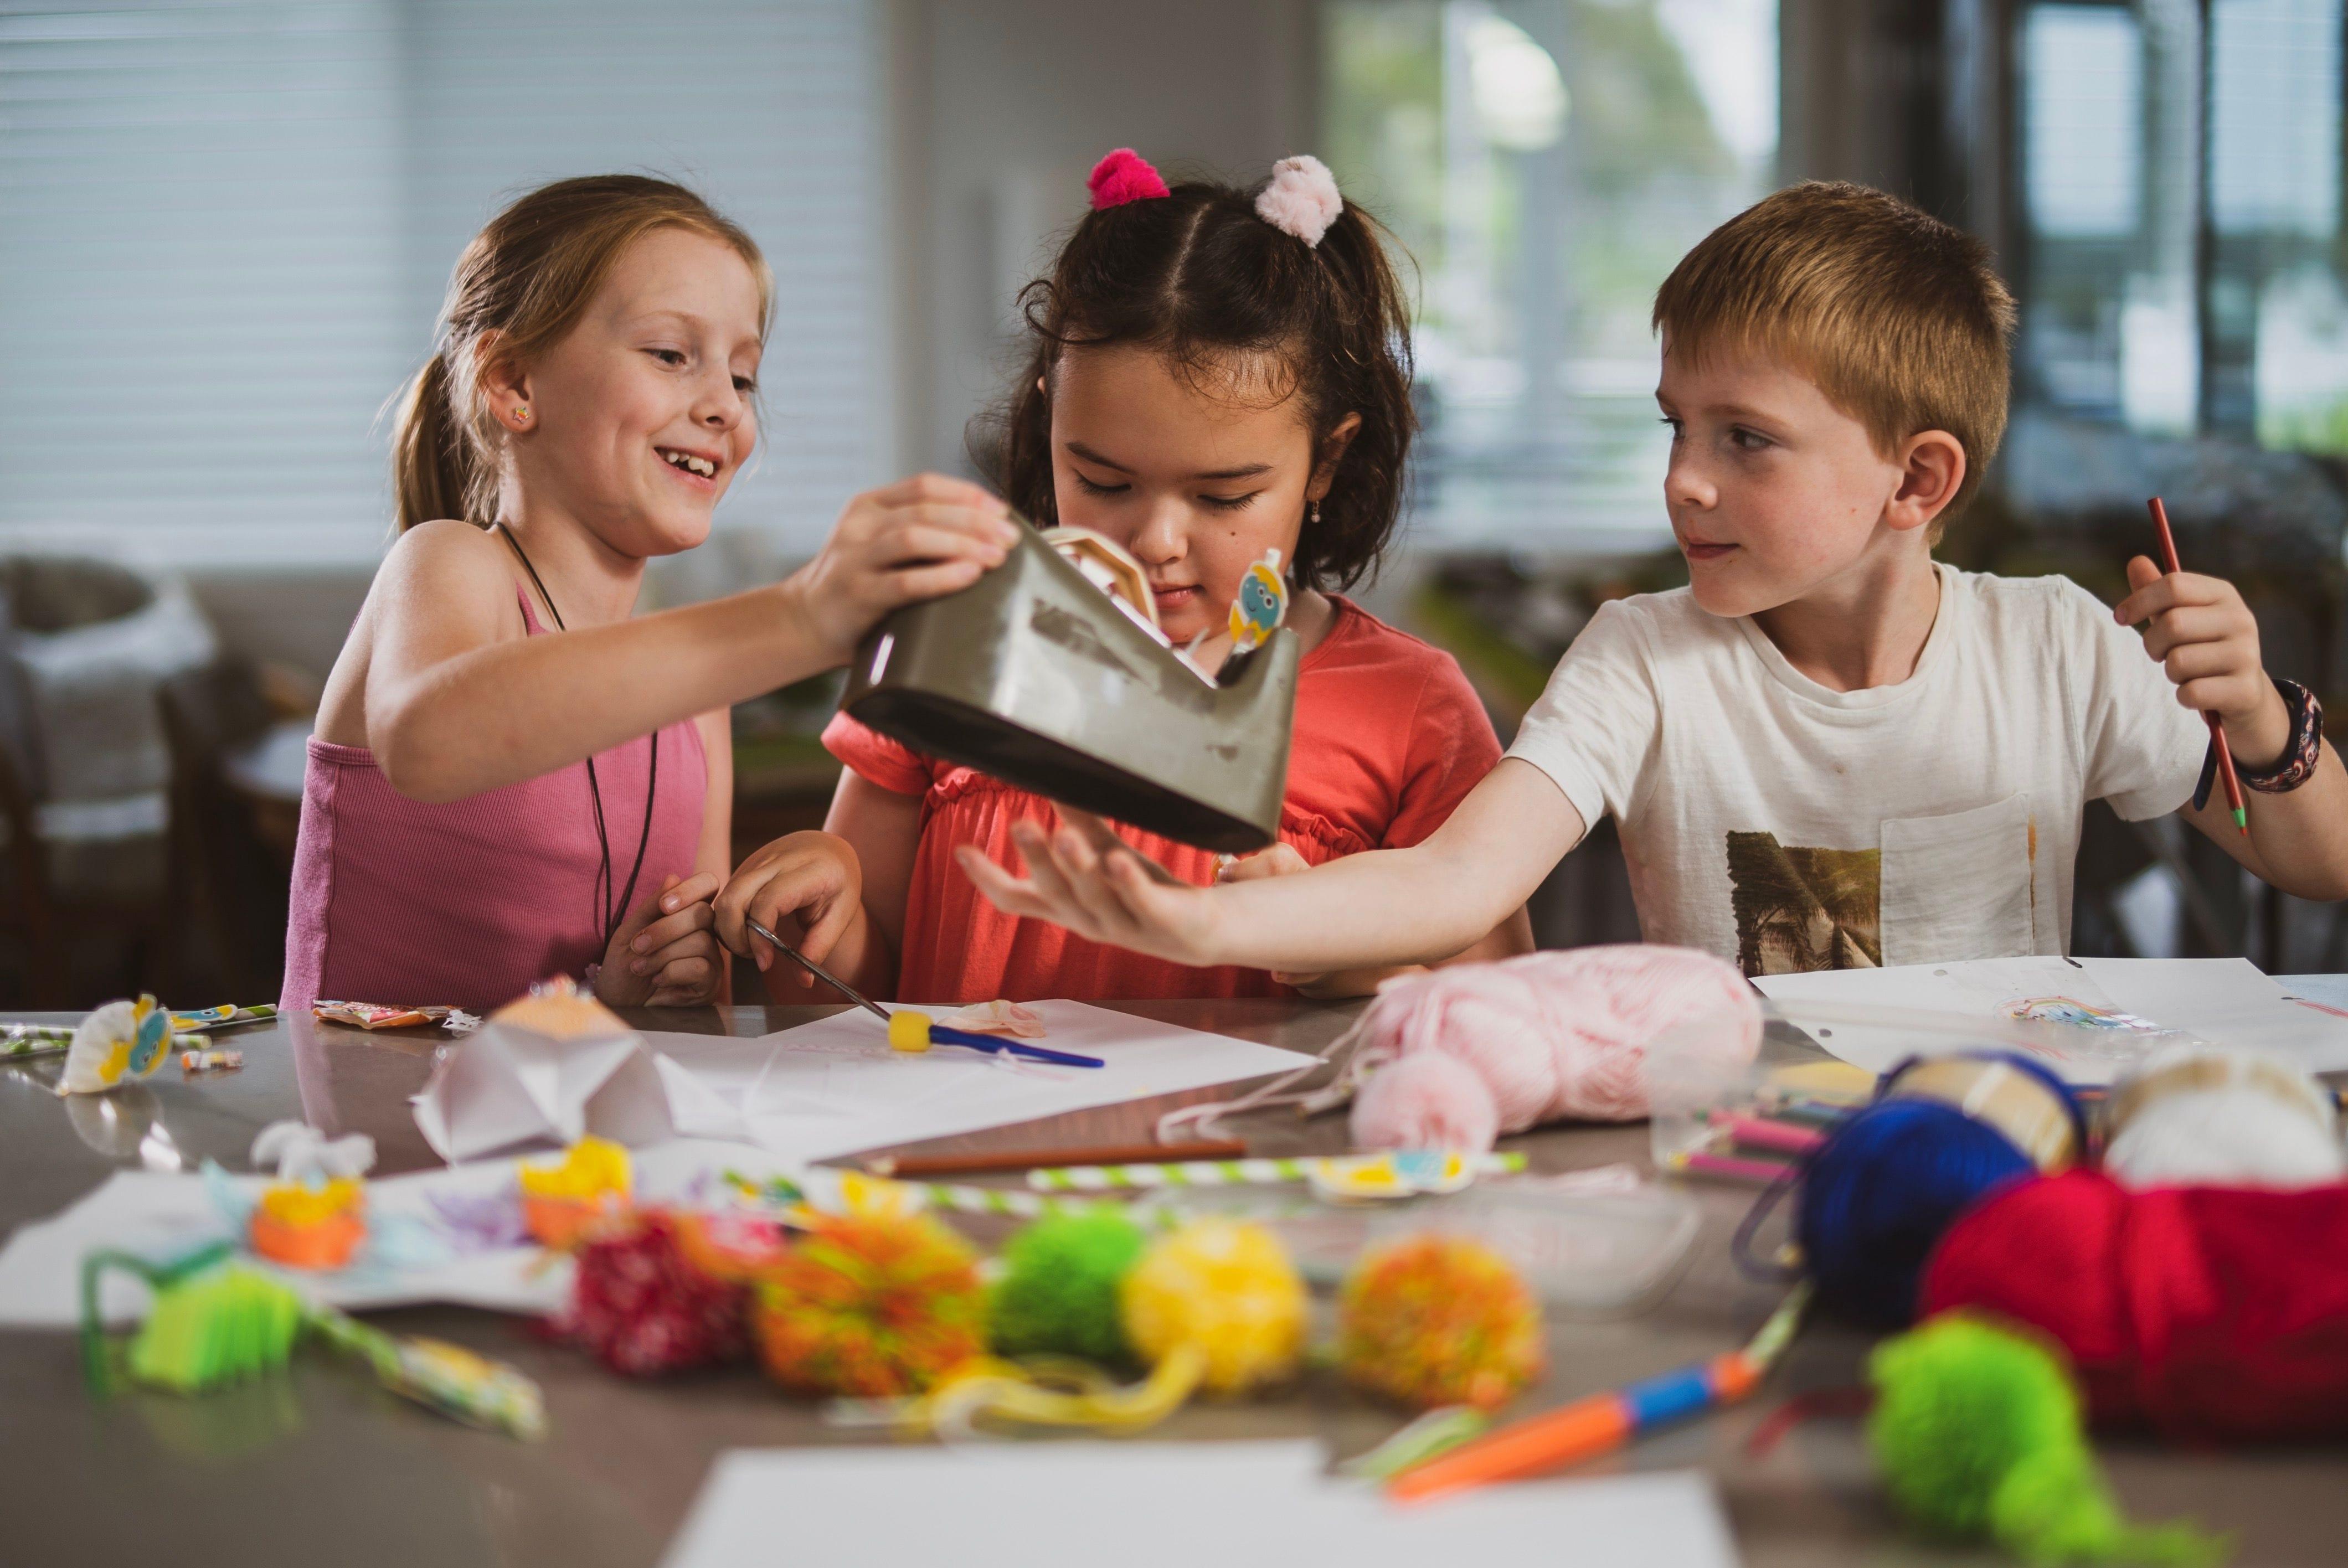 Craft and children's development